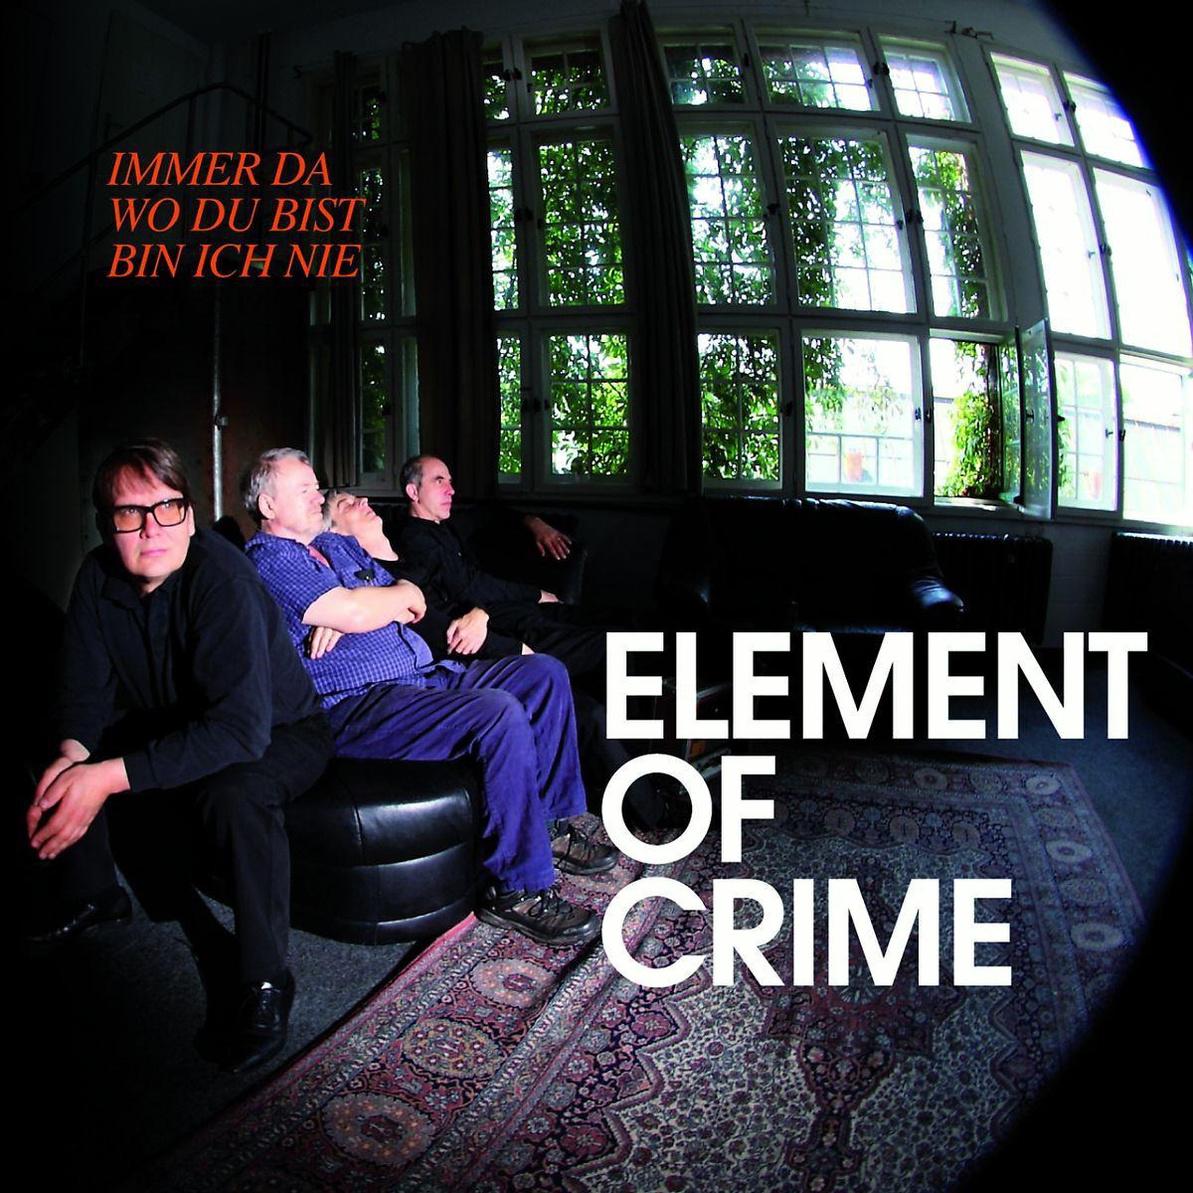 Element of Crime - Immer da wo du bist bin ich nie